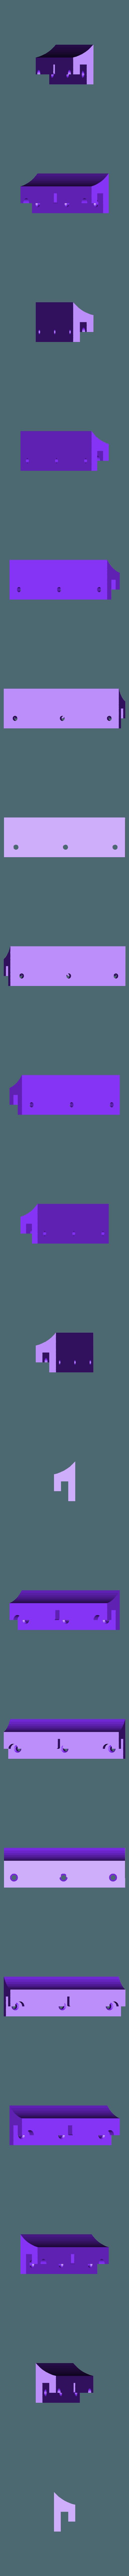 supporto_a_parete_vesa.stl Télécharger fichier STL gratuit Sopperto VESA par moniteur ou télévision • Design pour imprimante 3D, Scigola